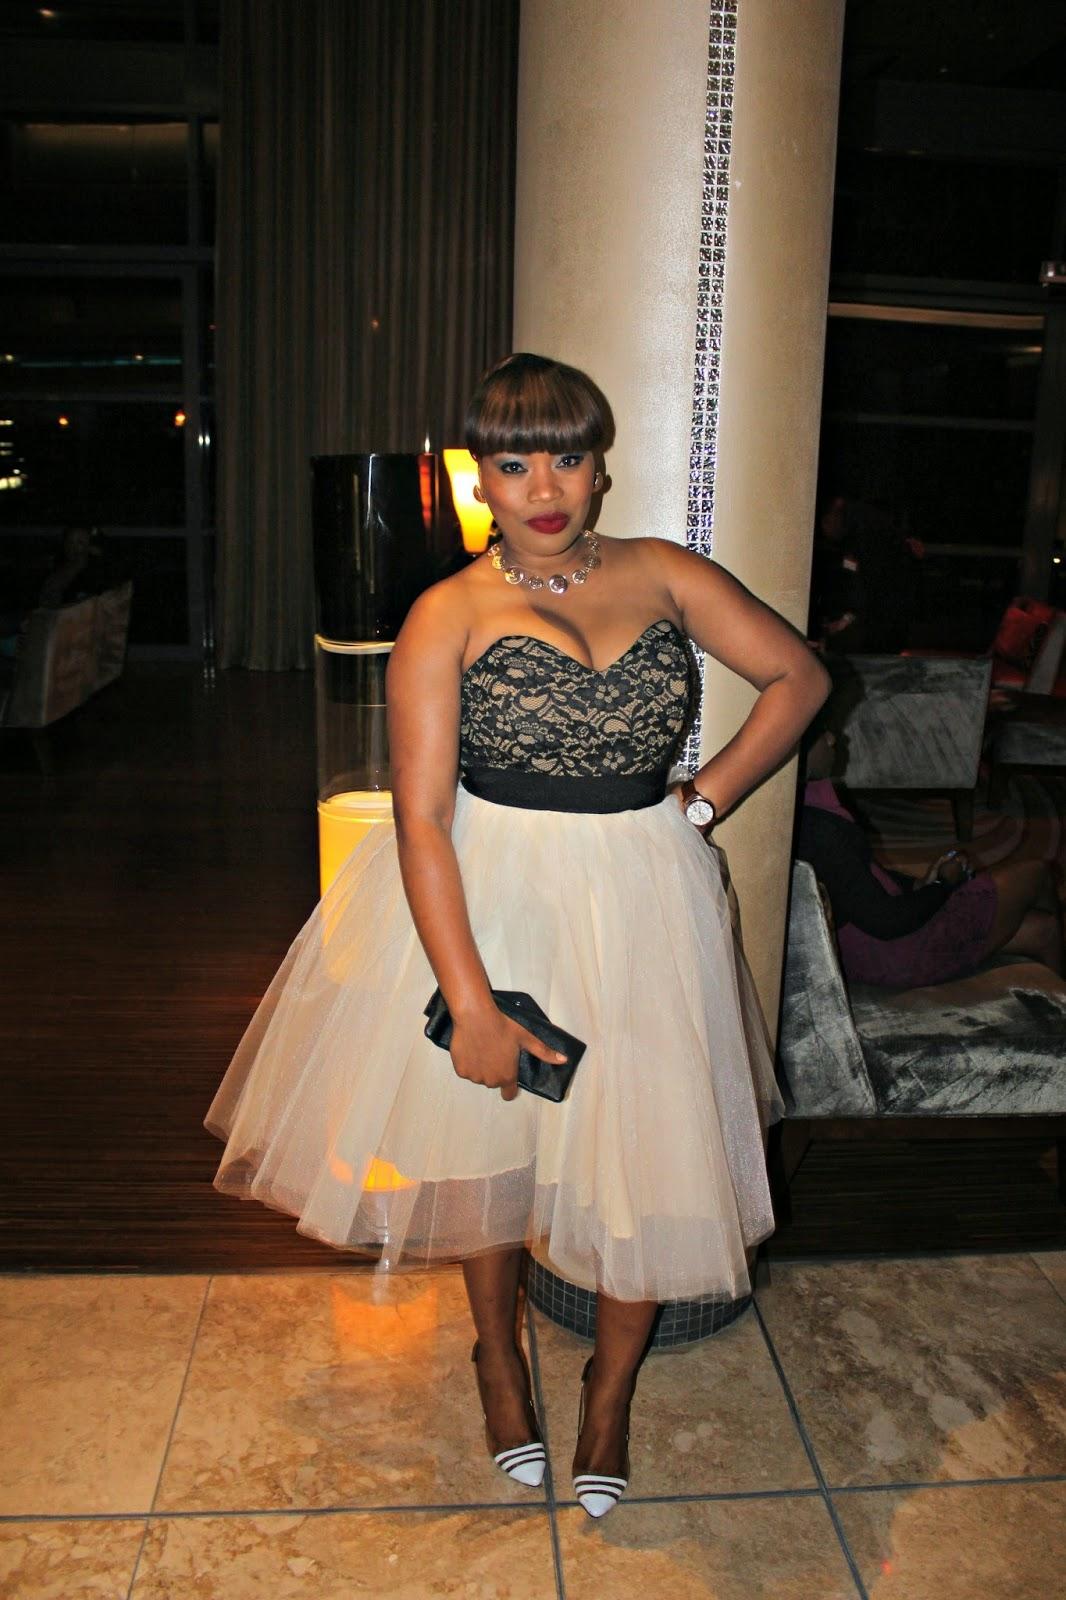 vakwetu, the look, vakwetu style